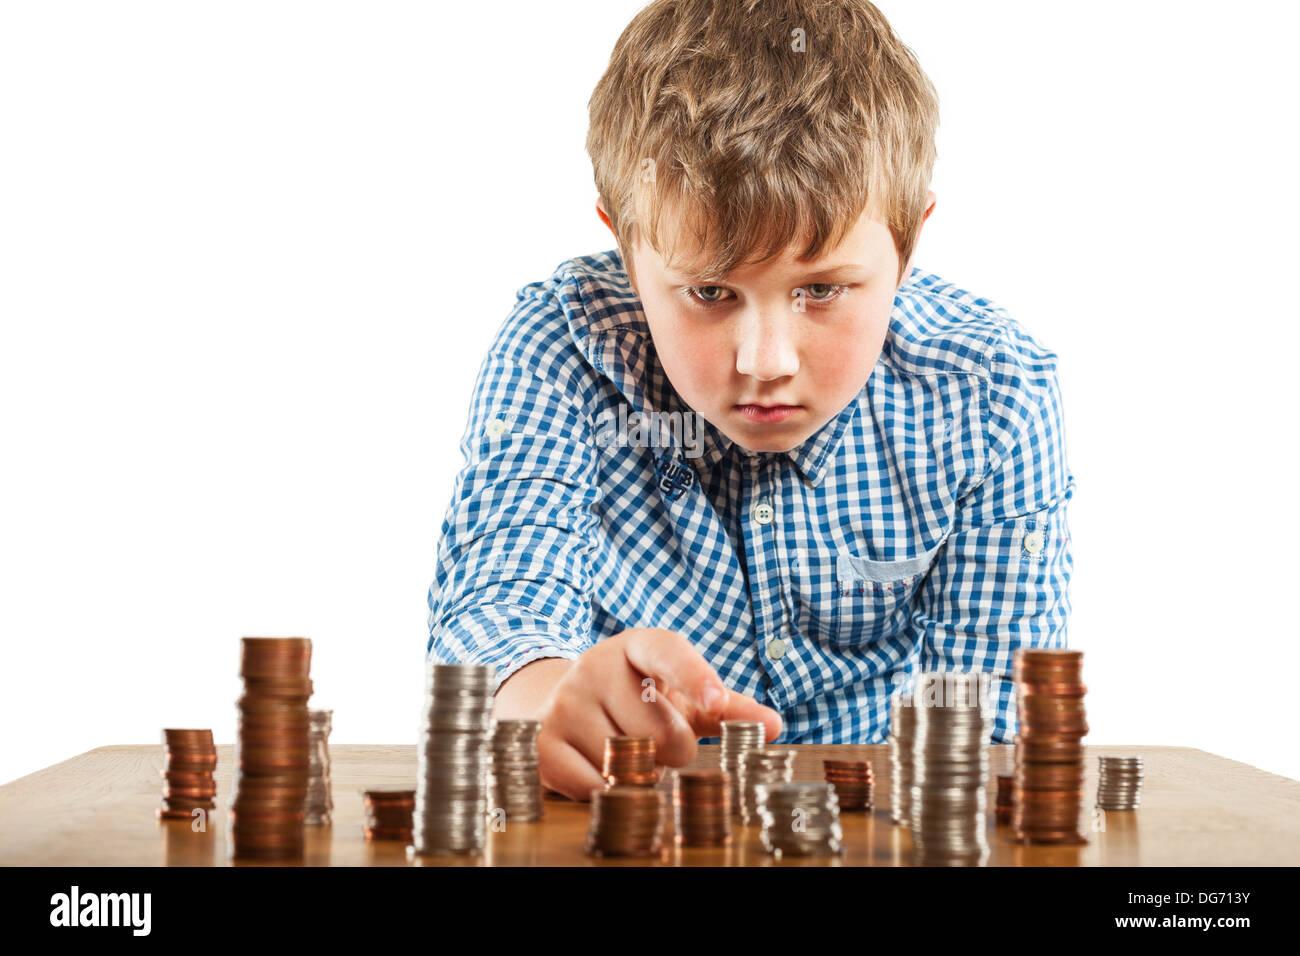 Un jeune garçon de 10 chefs son argent et les empile vers le haut Photo Stock